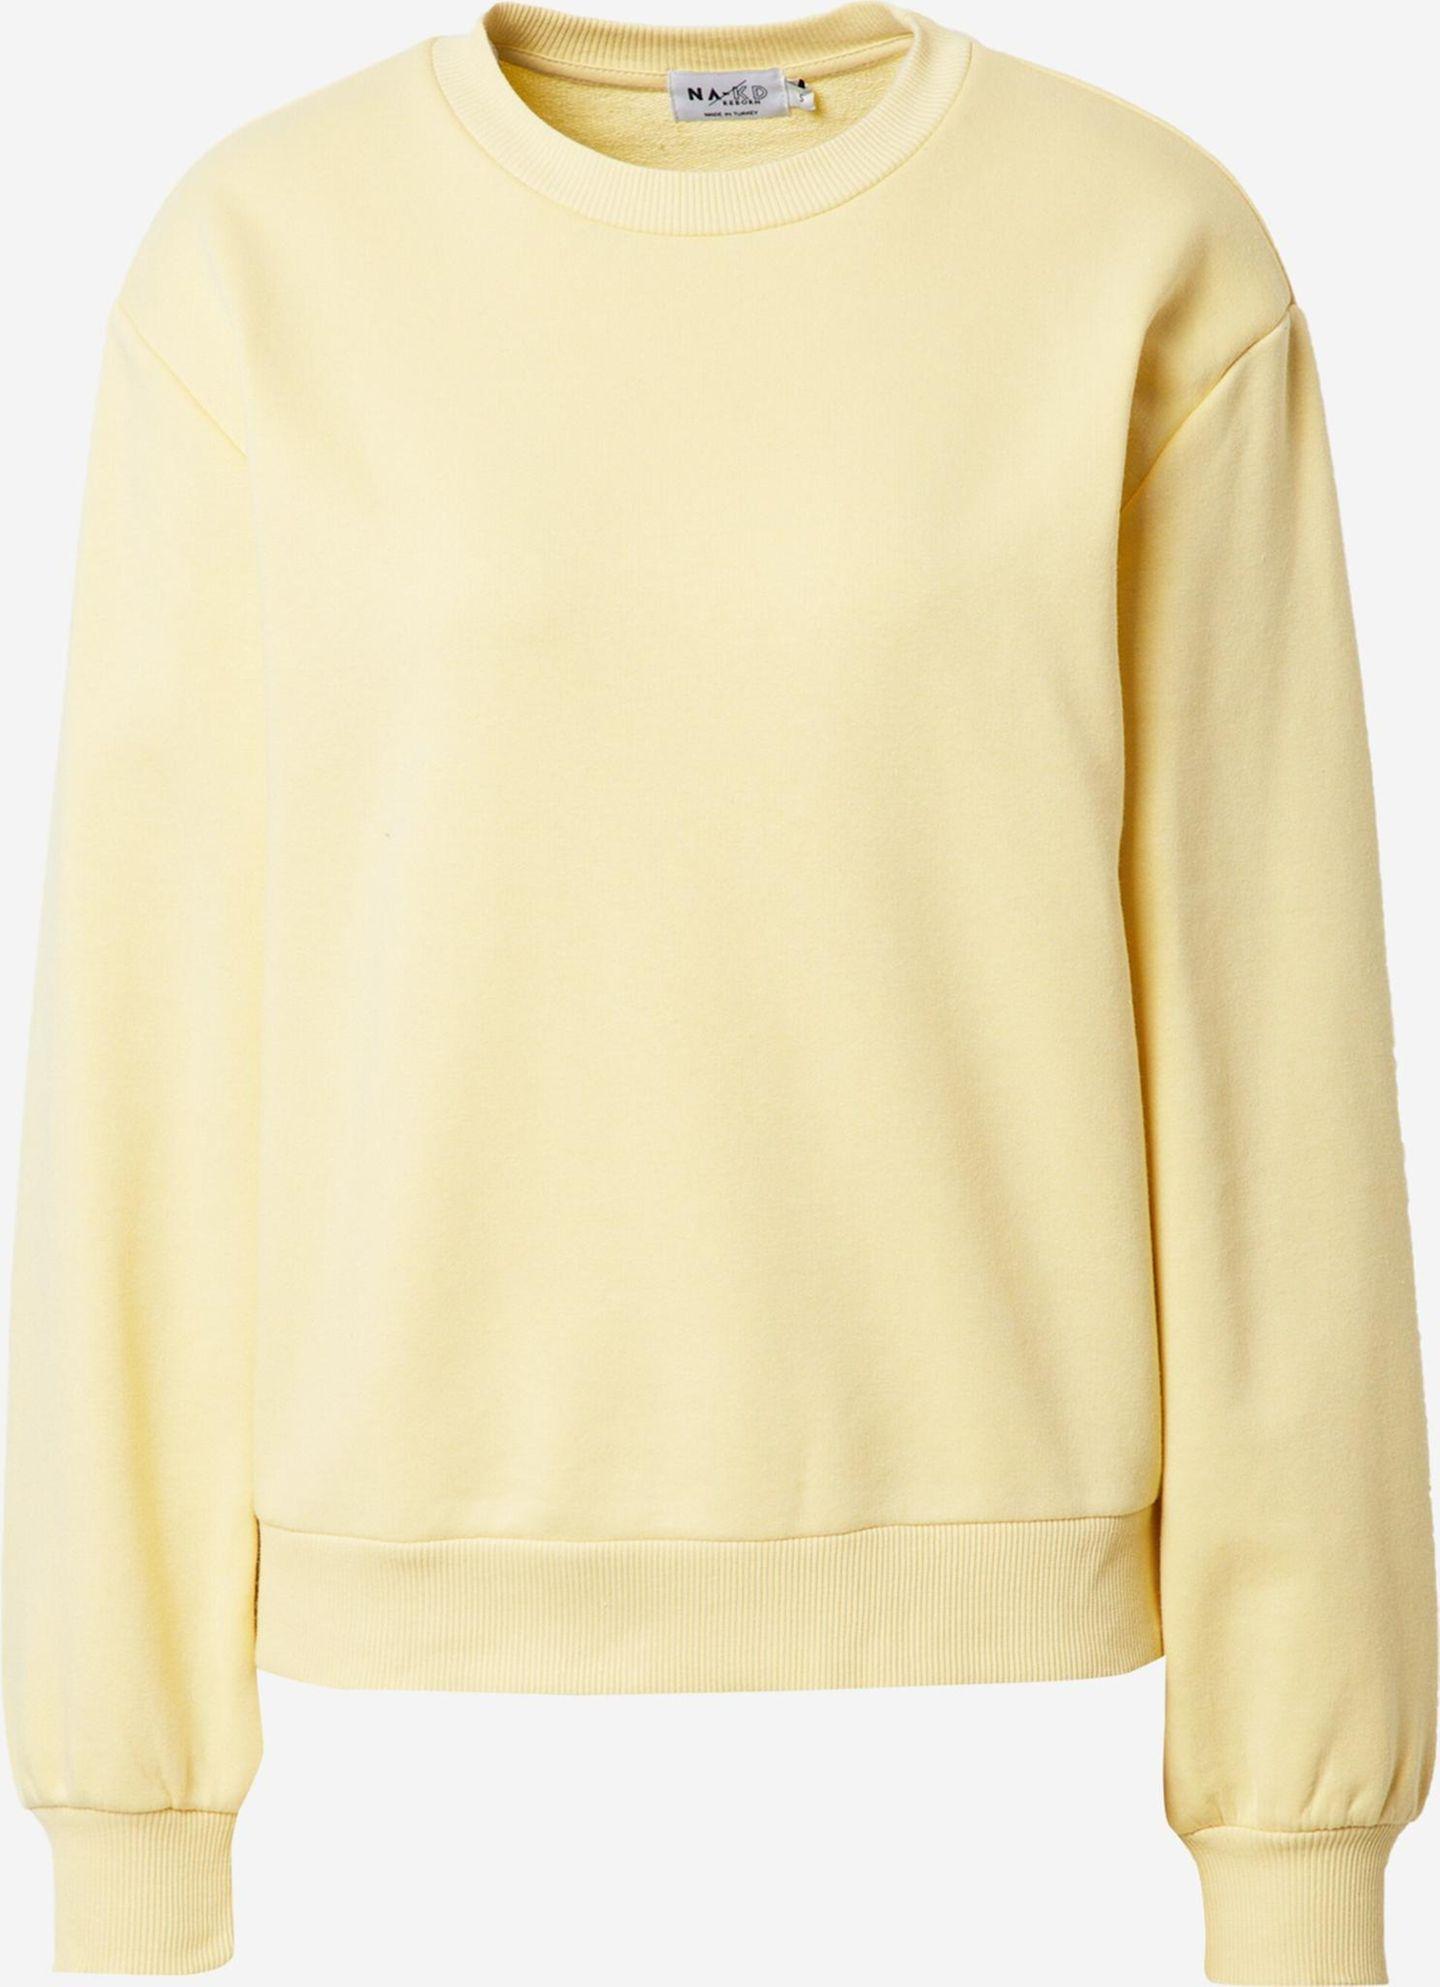 Egal ob im Homeoffice, auf der Couch oder beim Einkaufen – diesen coolen Sweater von NA-KD ziehen wir am liebsten gar nicht mehr aus. Über About You, etwa 35 Euro.